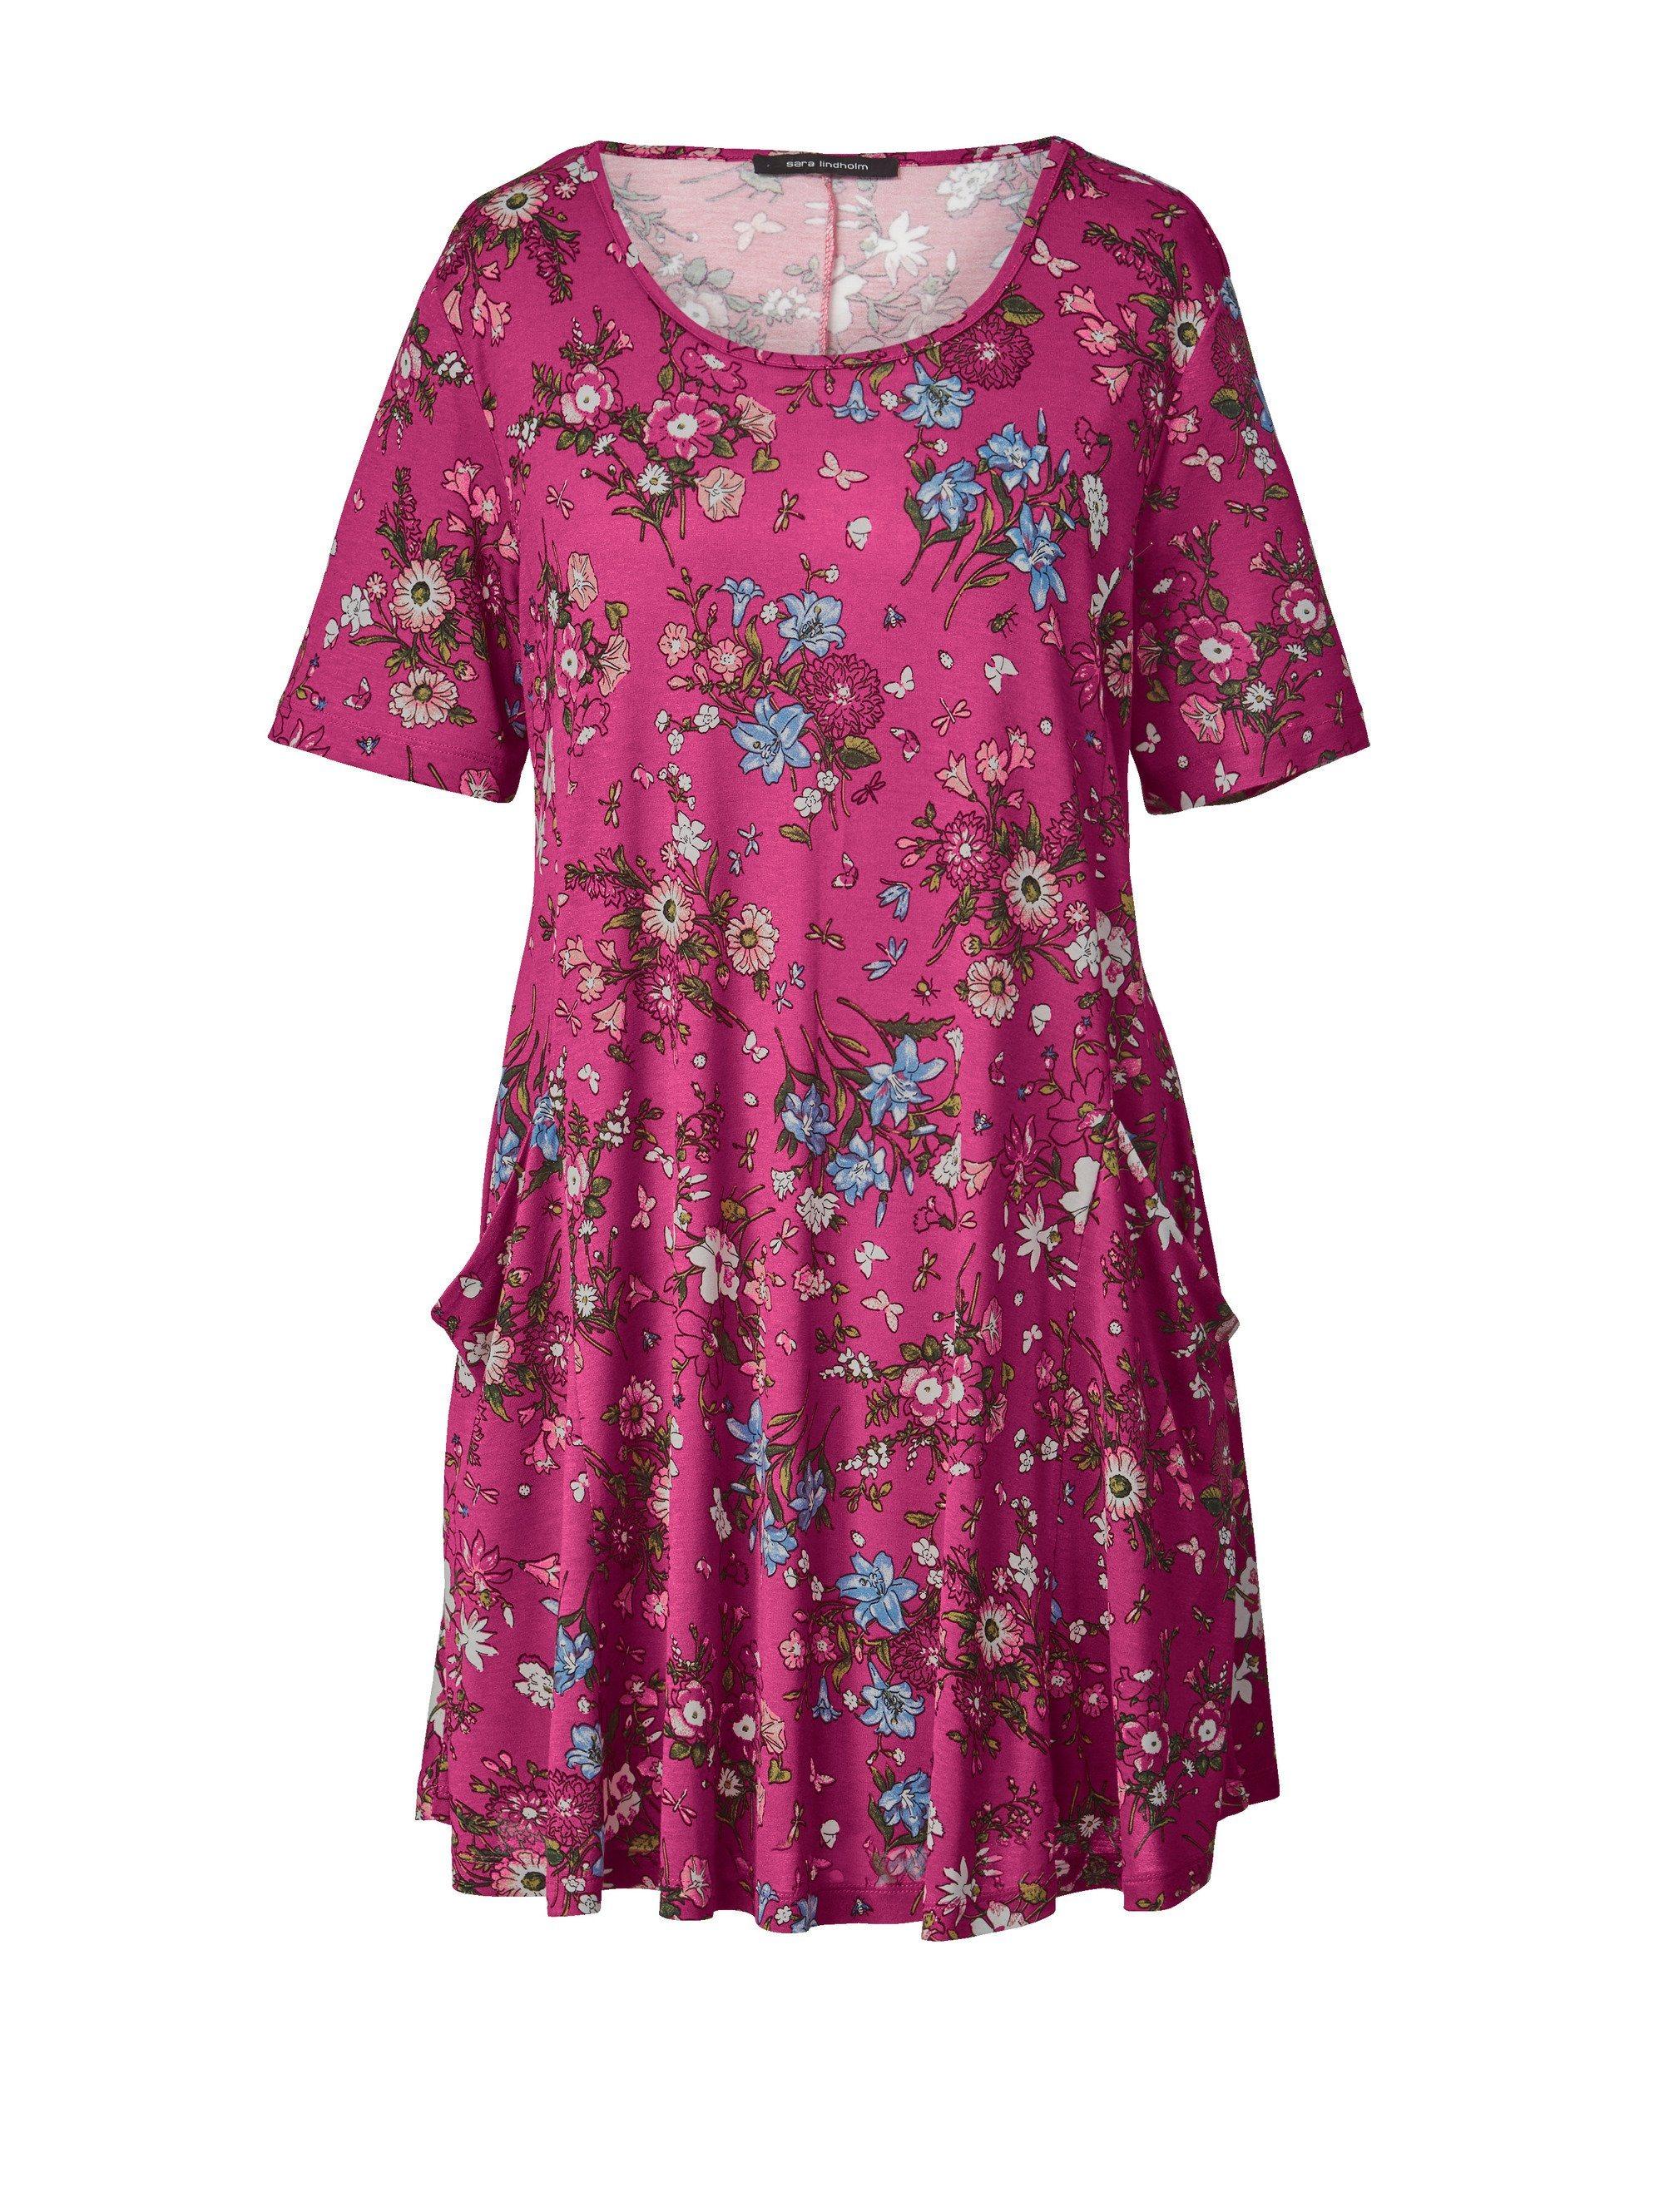 Sara Lindholm by Happy Size Jersey-Tunika mit Blumen-Print | Bekleidung > Tuniken > Sonstige Tuniken | Jersey - Viskose | Sara Lindholm by Happy Size